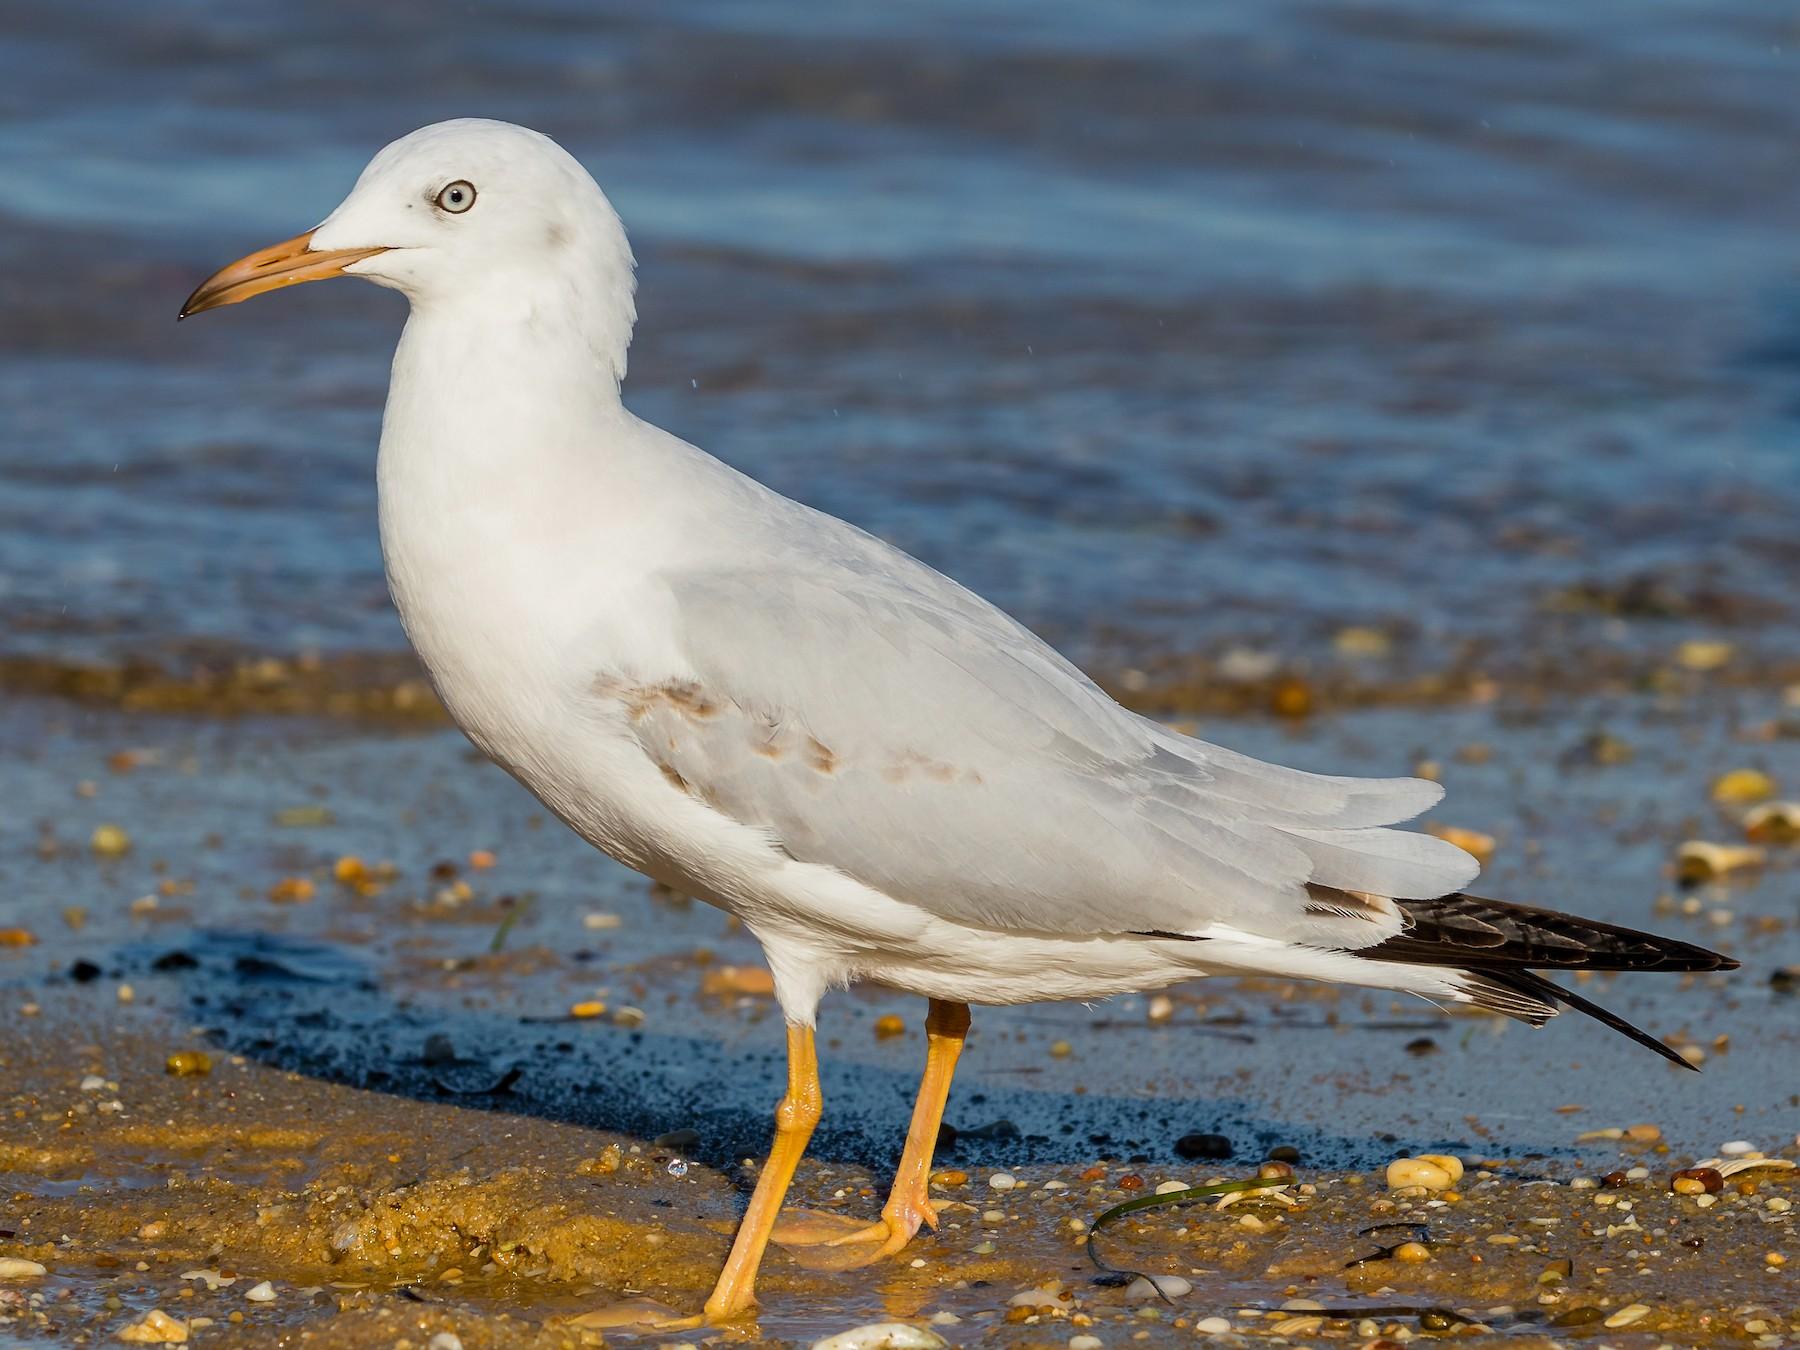 Slender-billed Gull - Renato Bagarrão